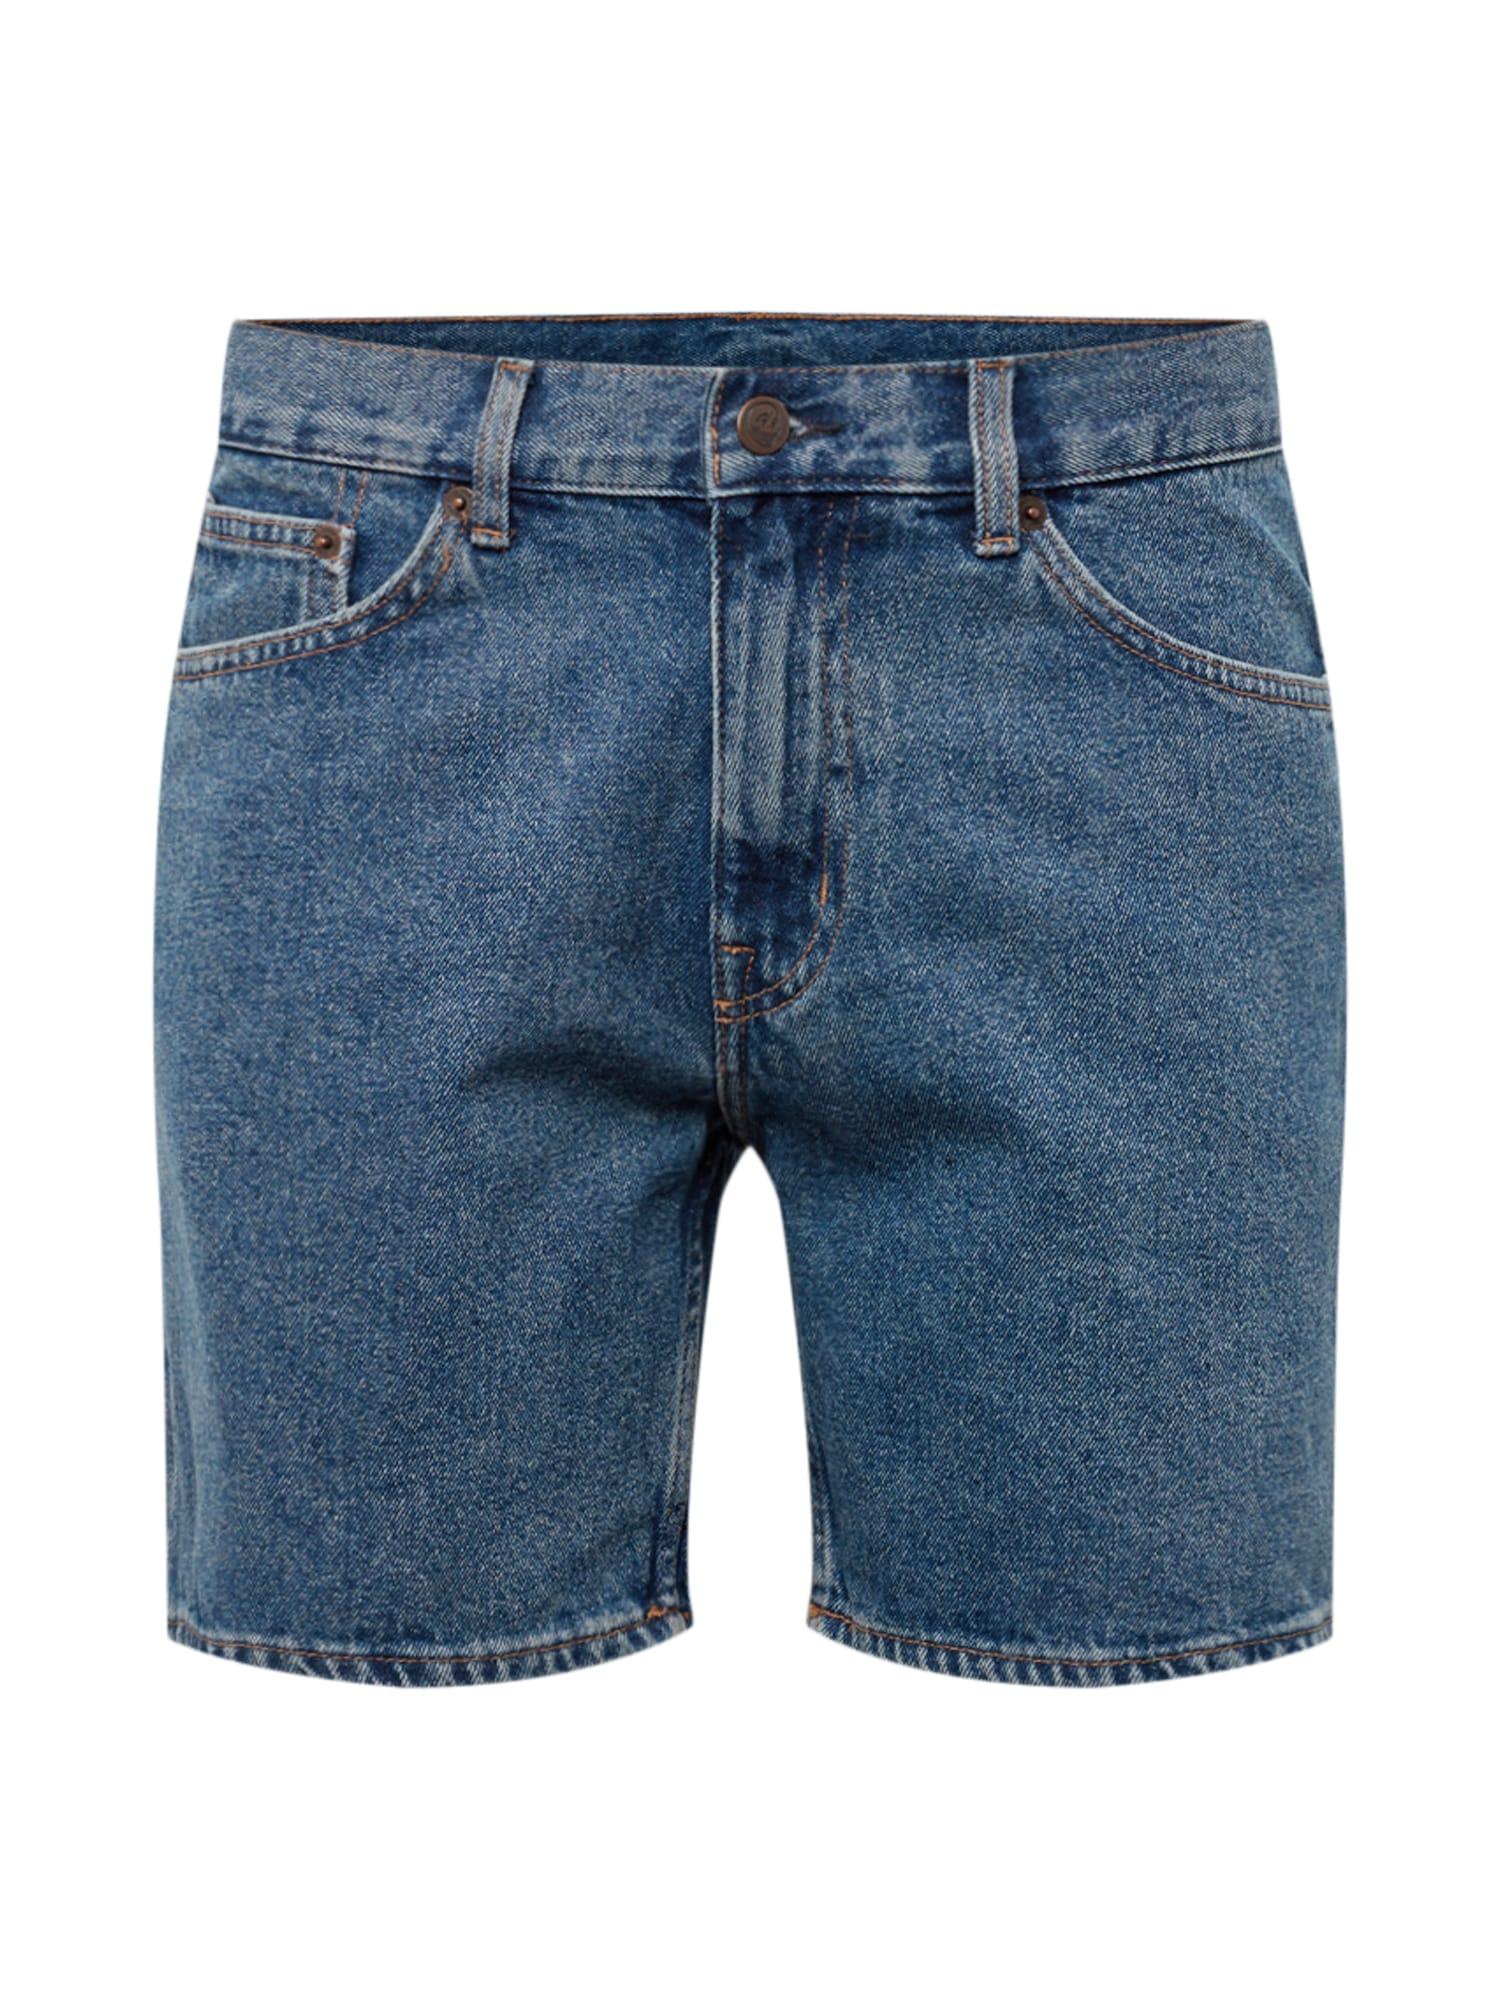 Džíny Sonic Shorts modrá džínovina CHEAP MONDAY